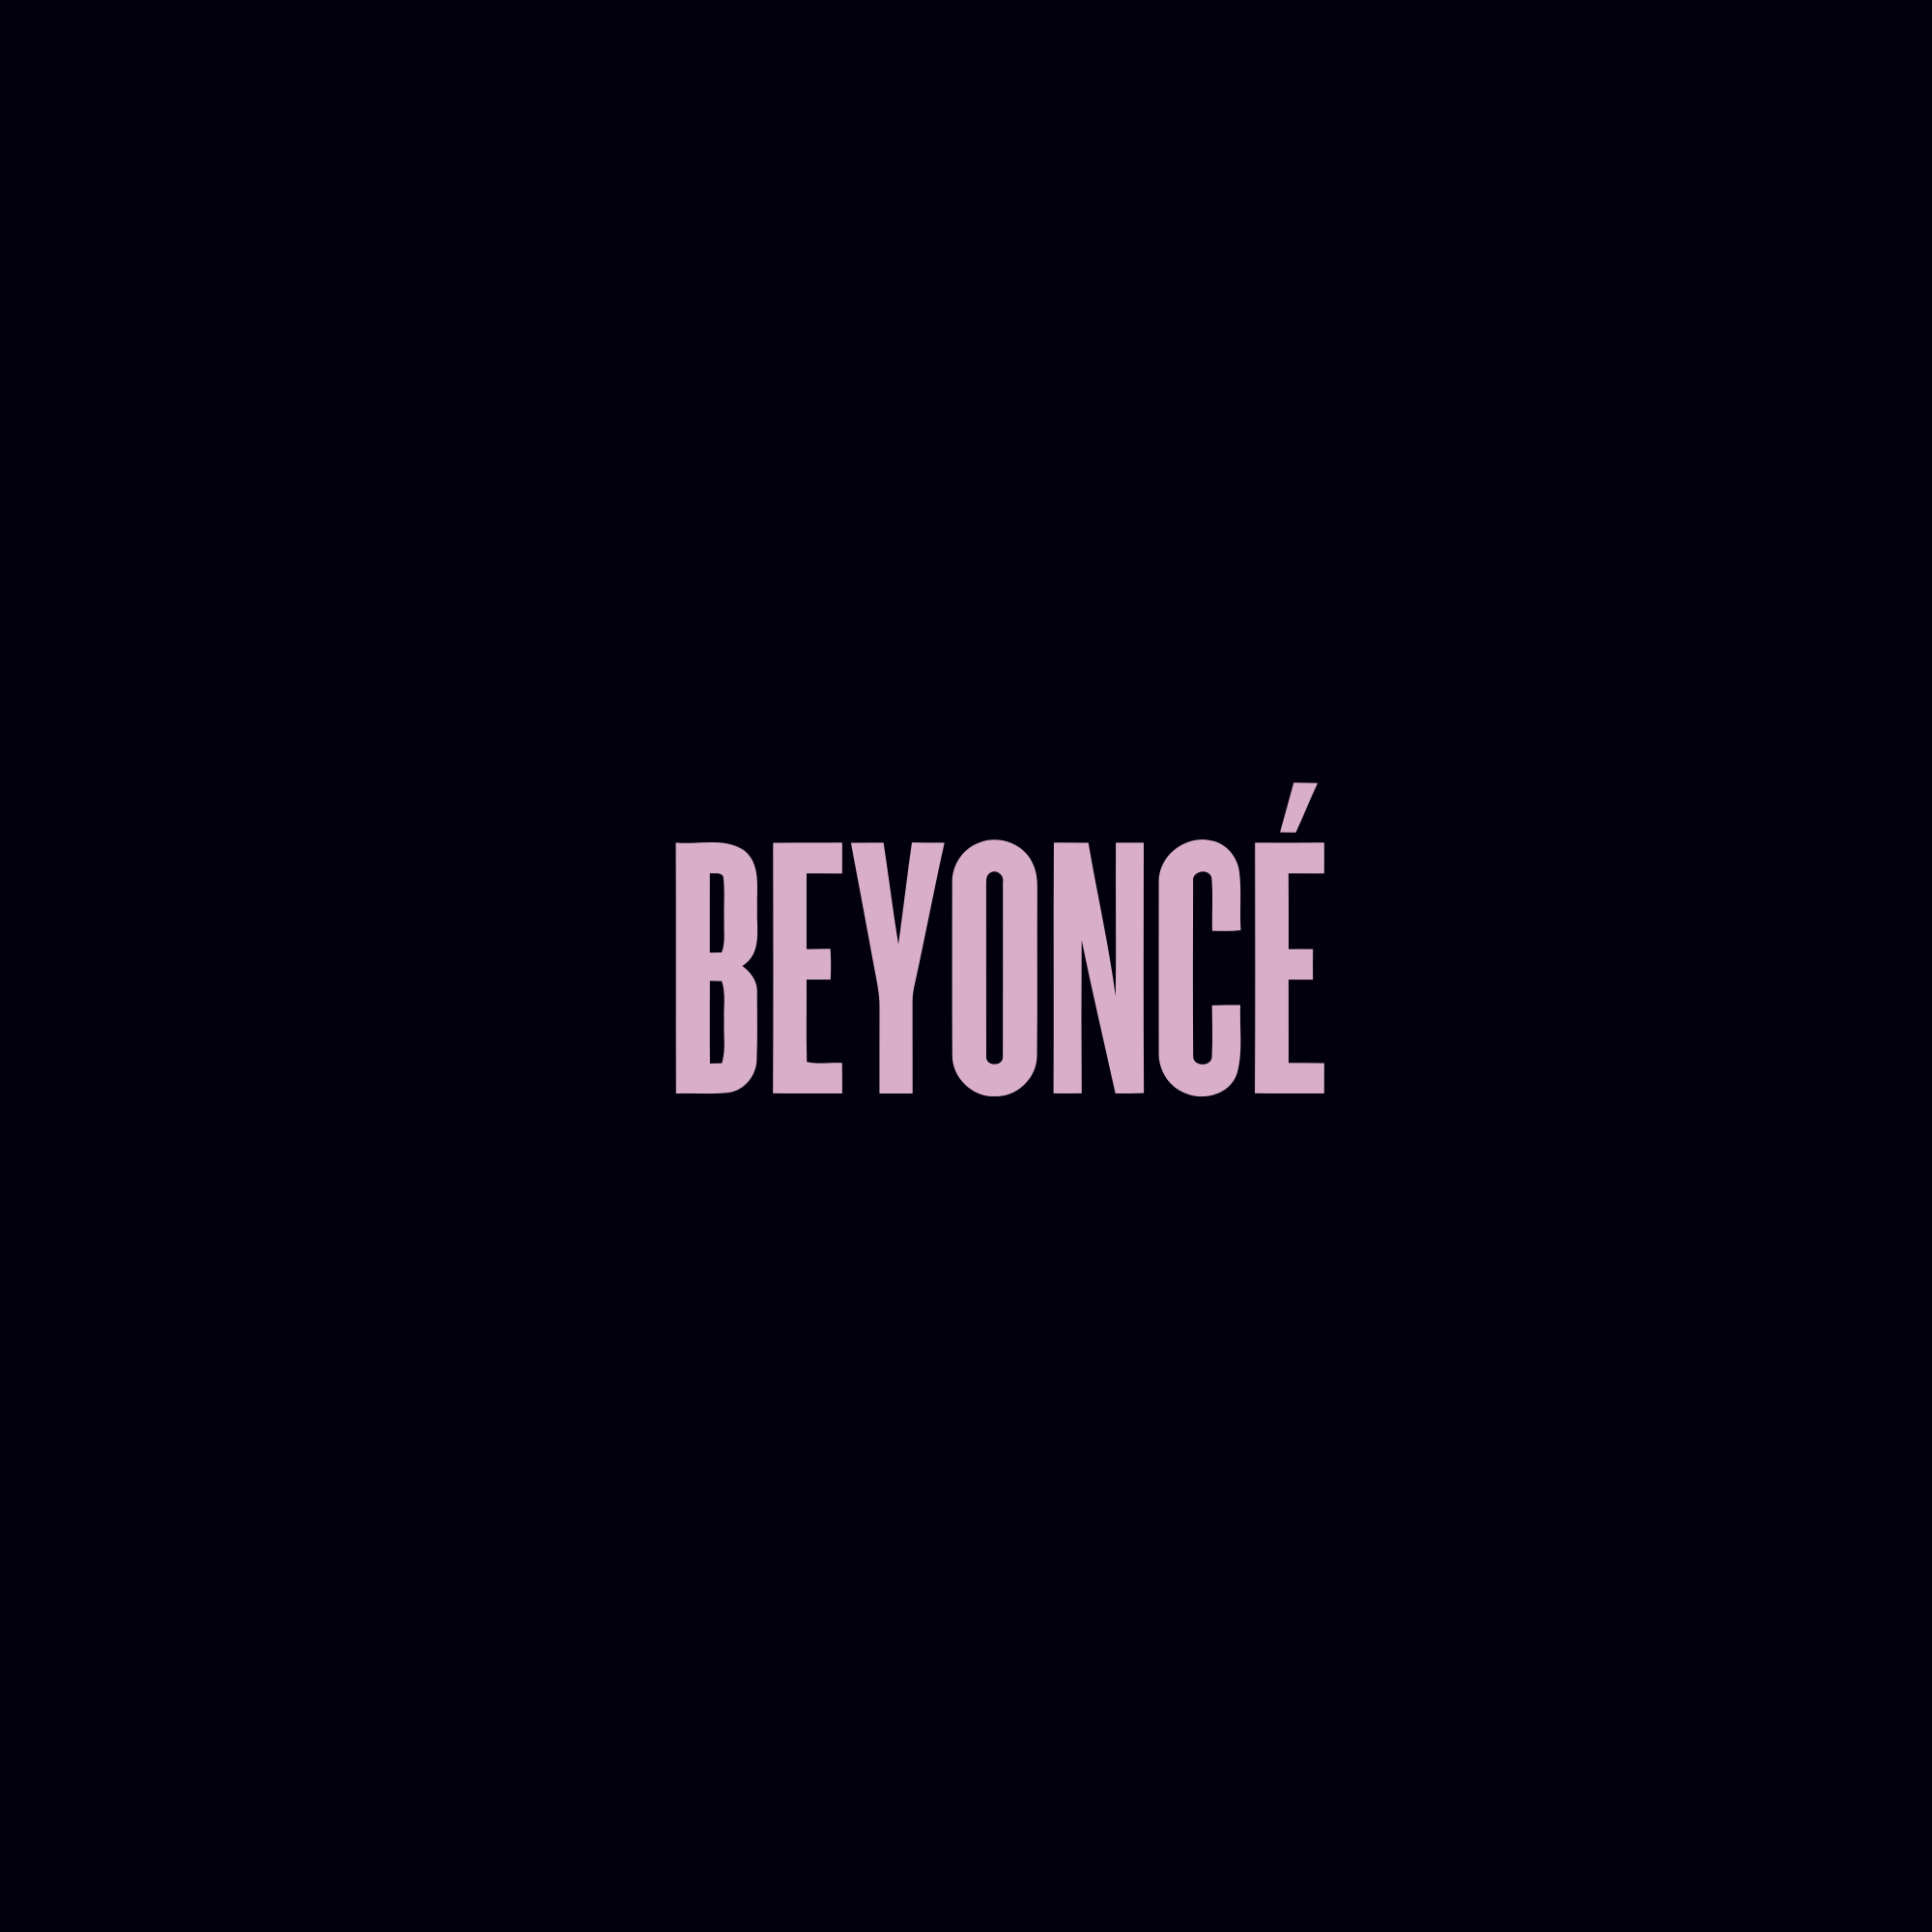 Beyoncé_-_Beyoncé